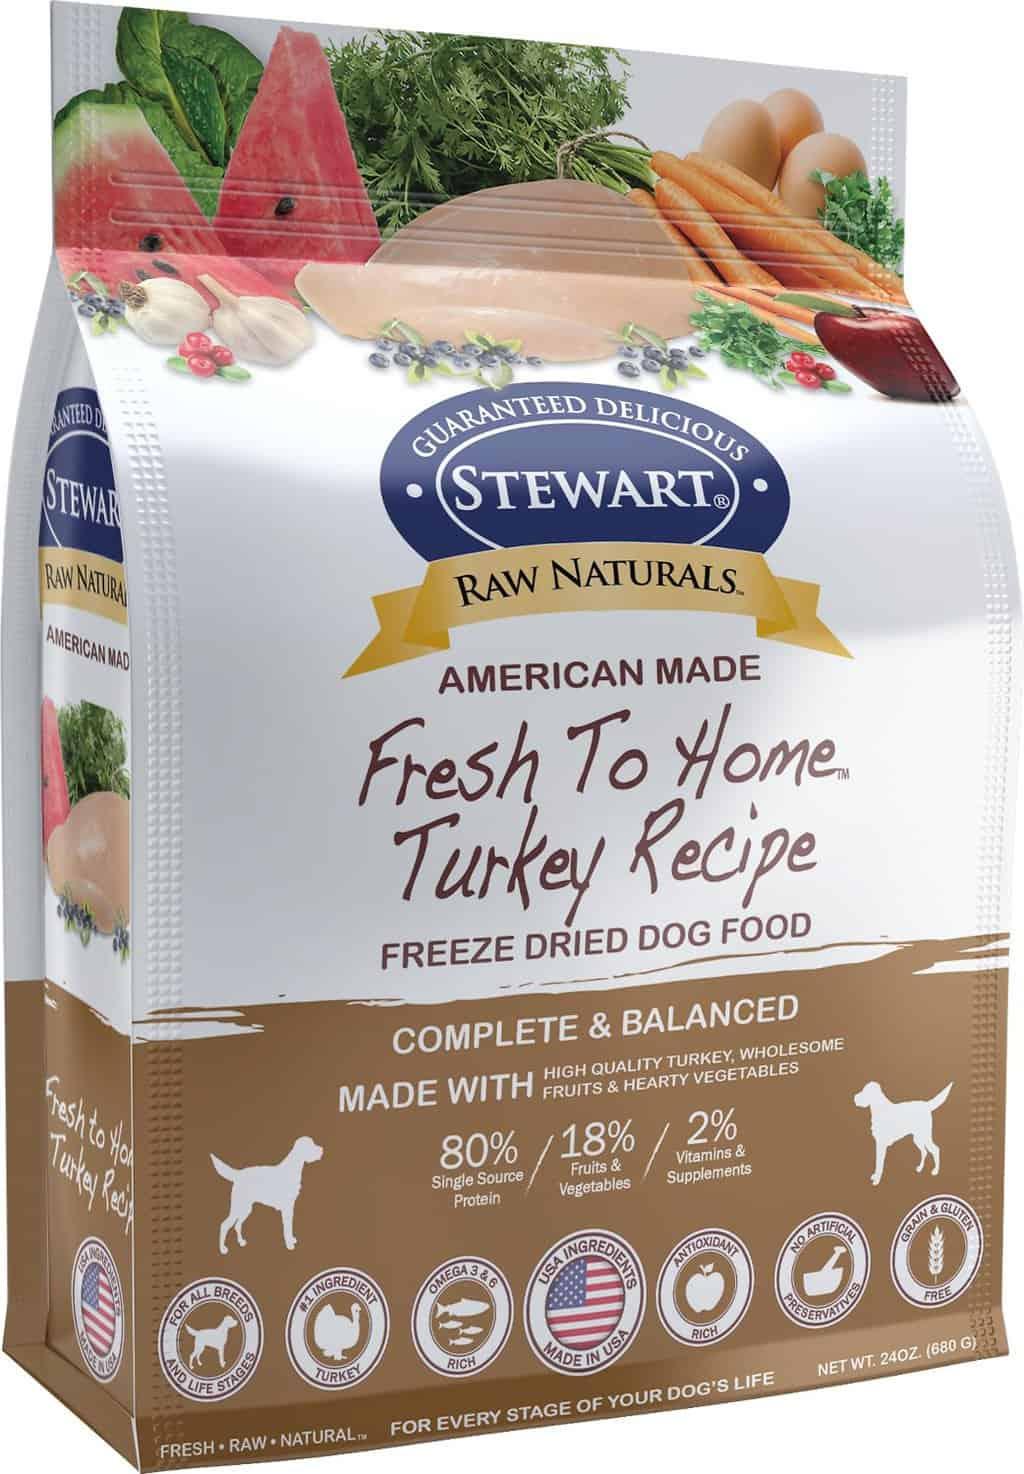 Stewart Raw Naturals Dog Food: [year] Reviews, Recalls & Coupons 17